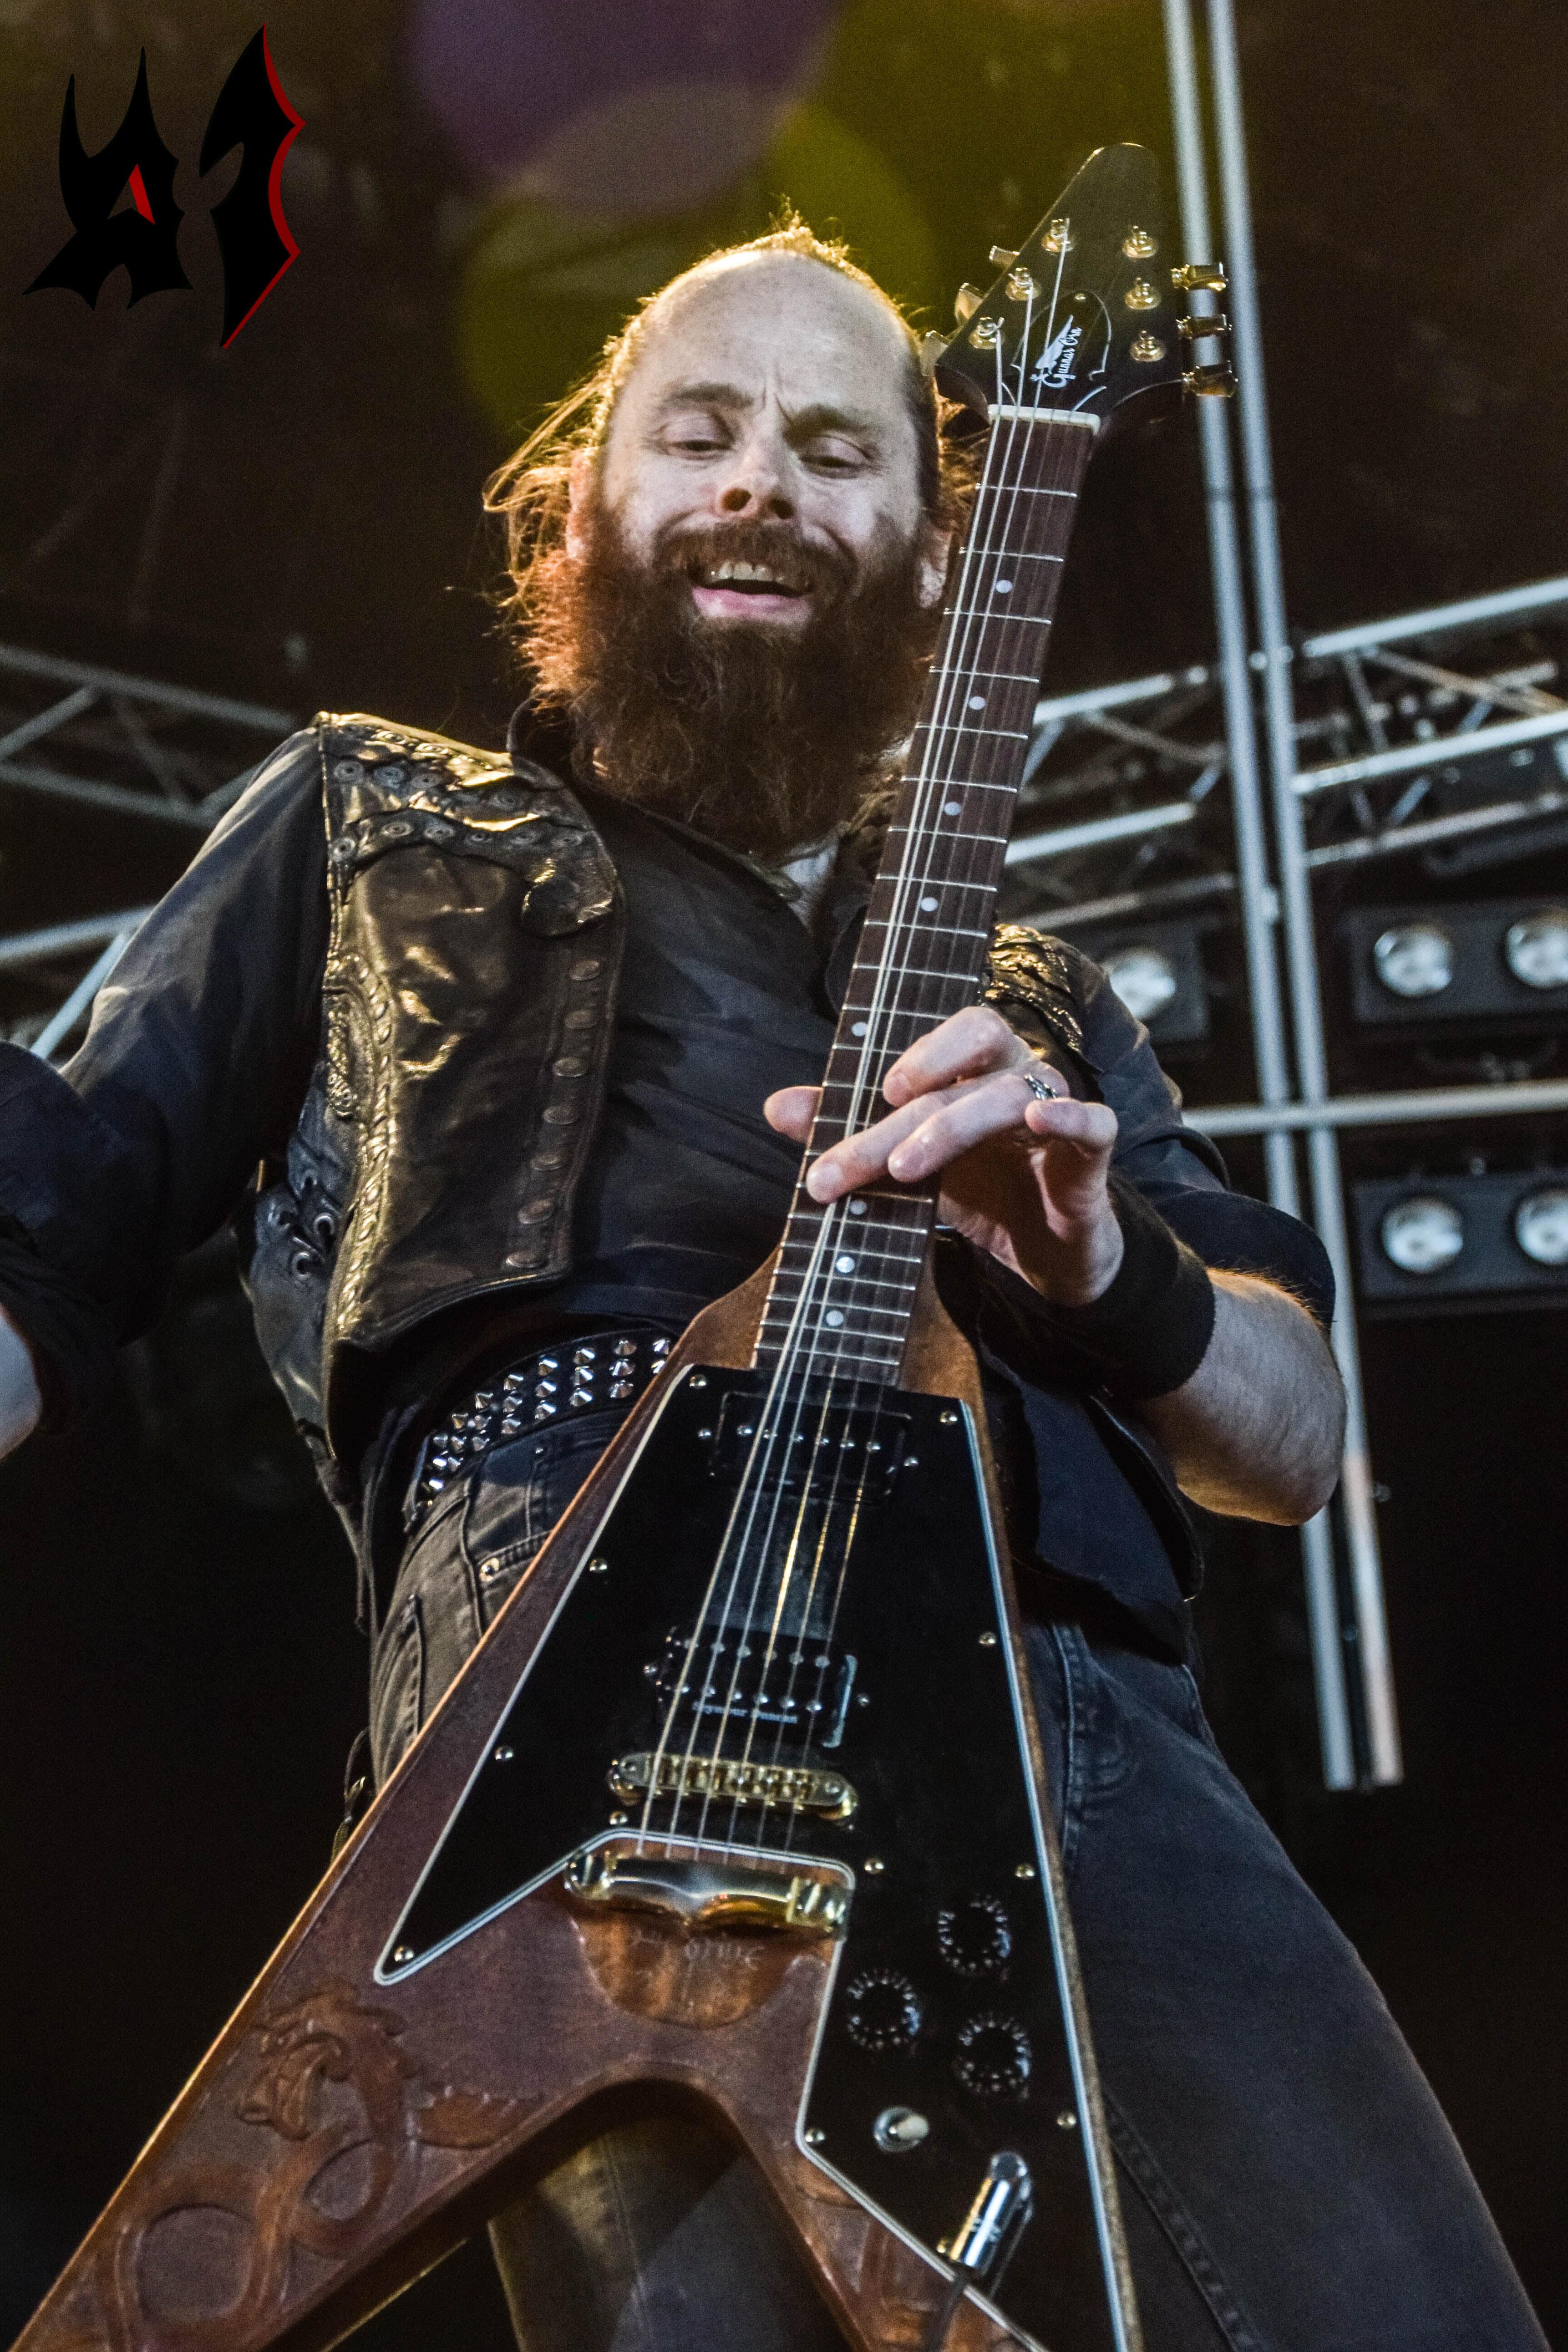 Hellfest - Day 1 - Solstafir 15